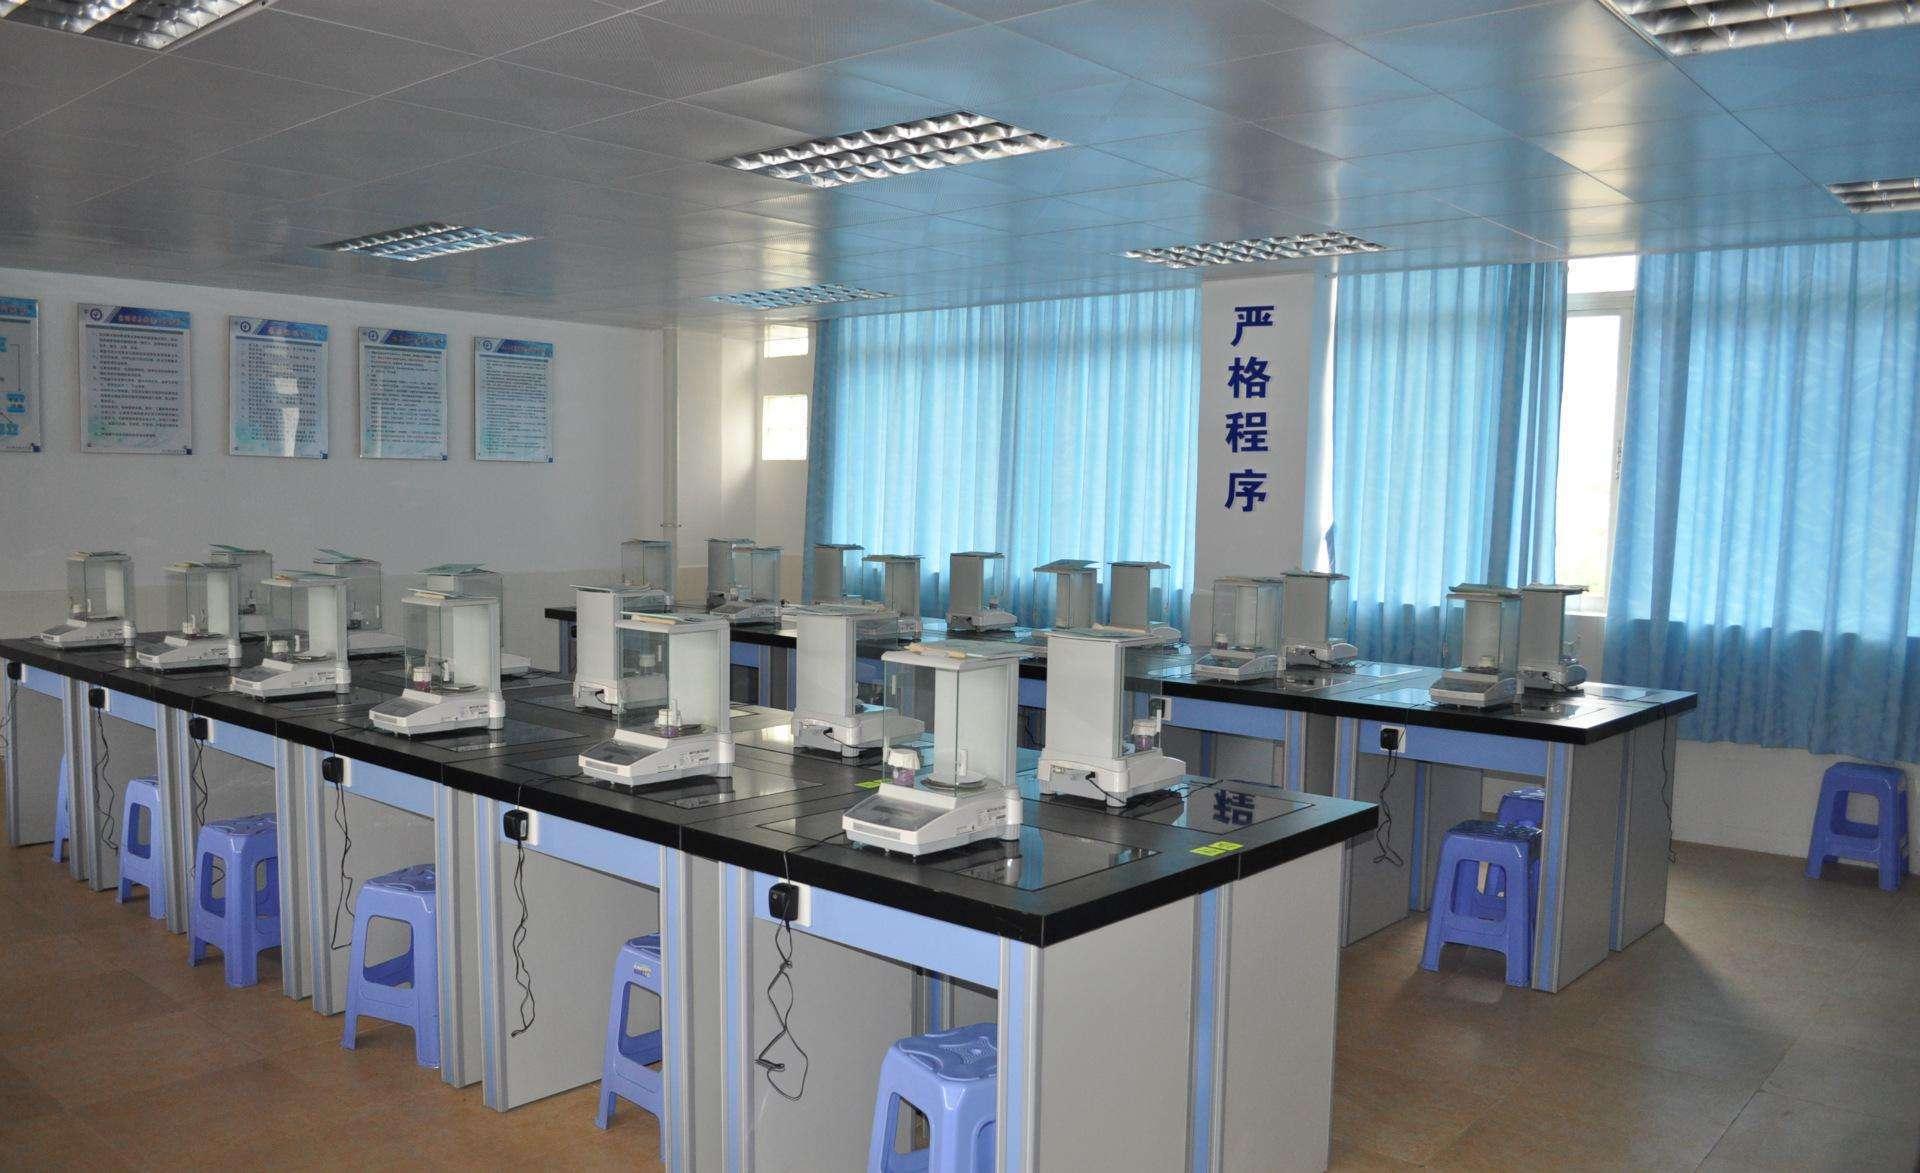 梅特勒XS64电子天平万分之一0.1mg实验室称量高精度精密分析天平